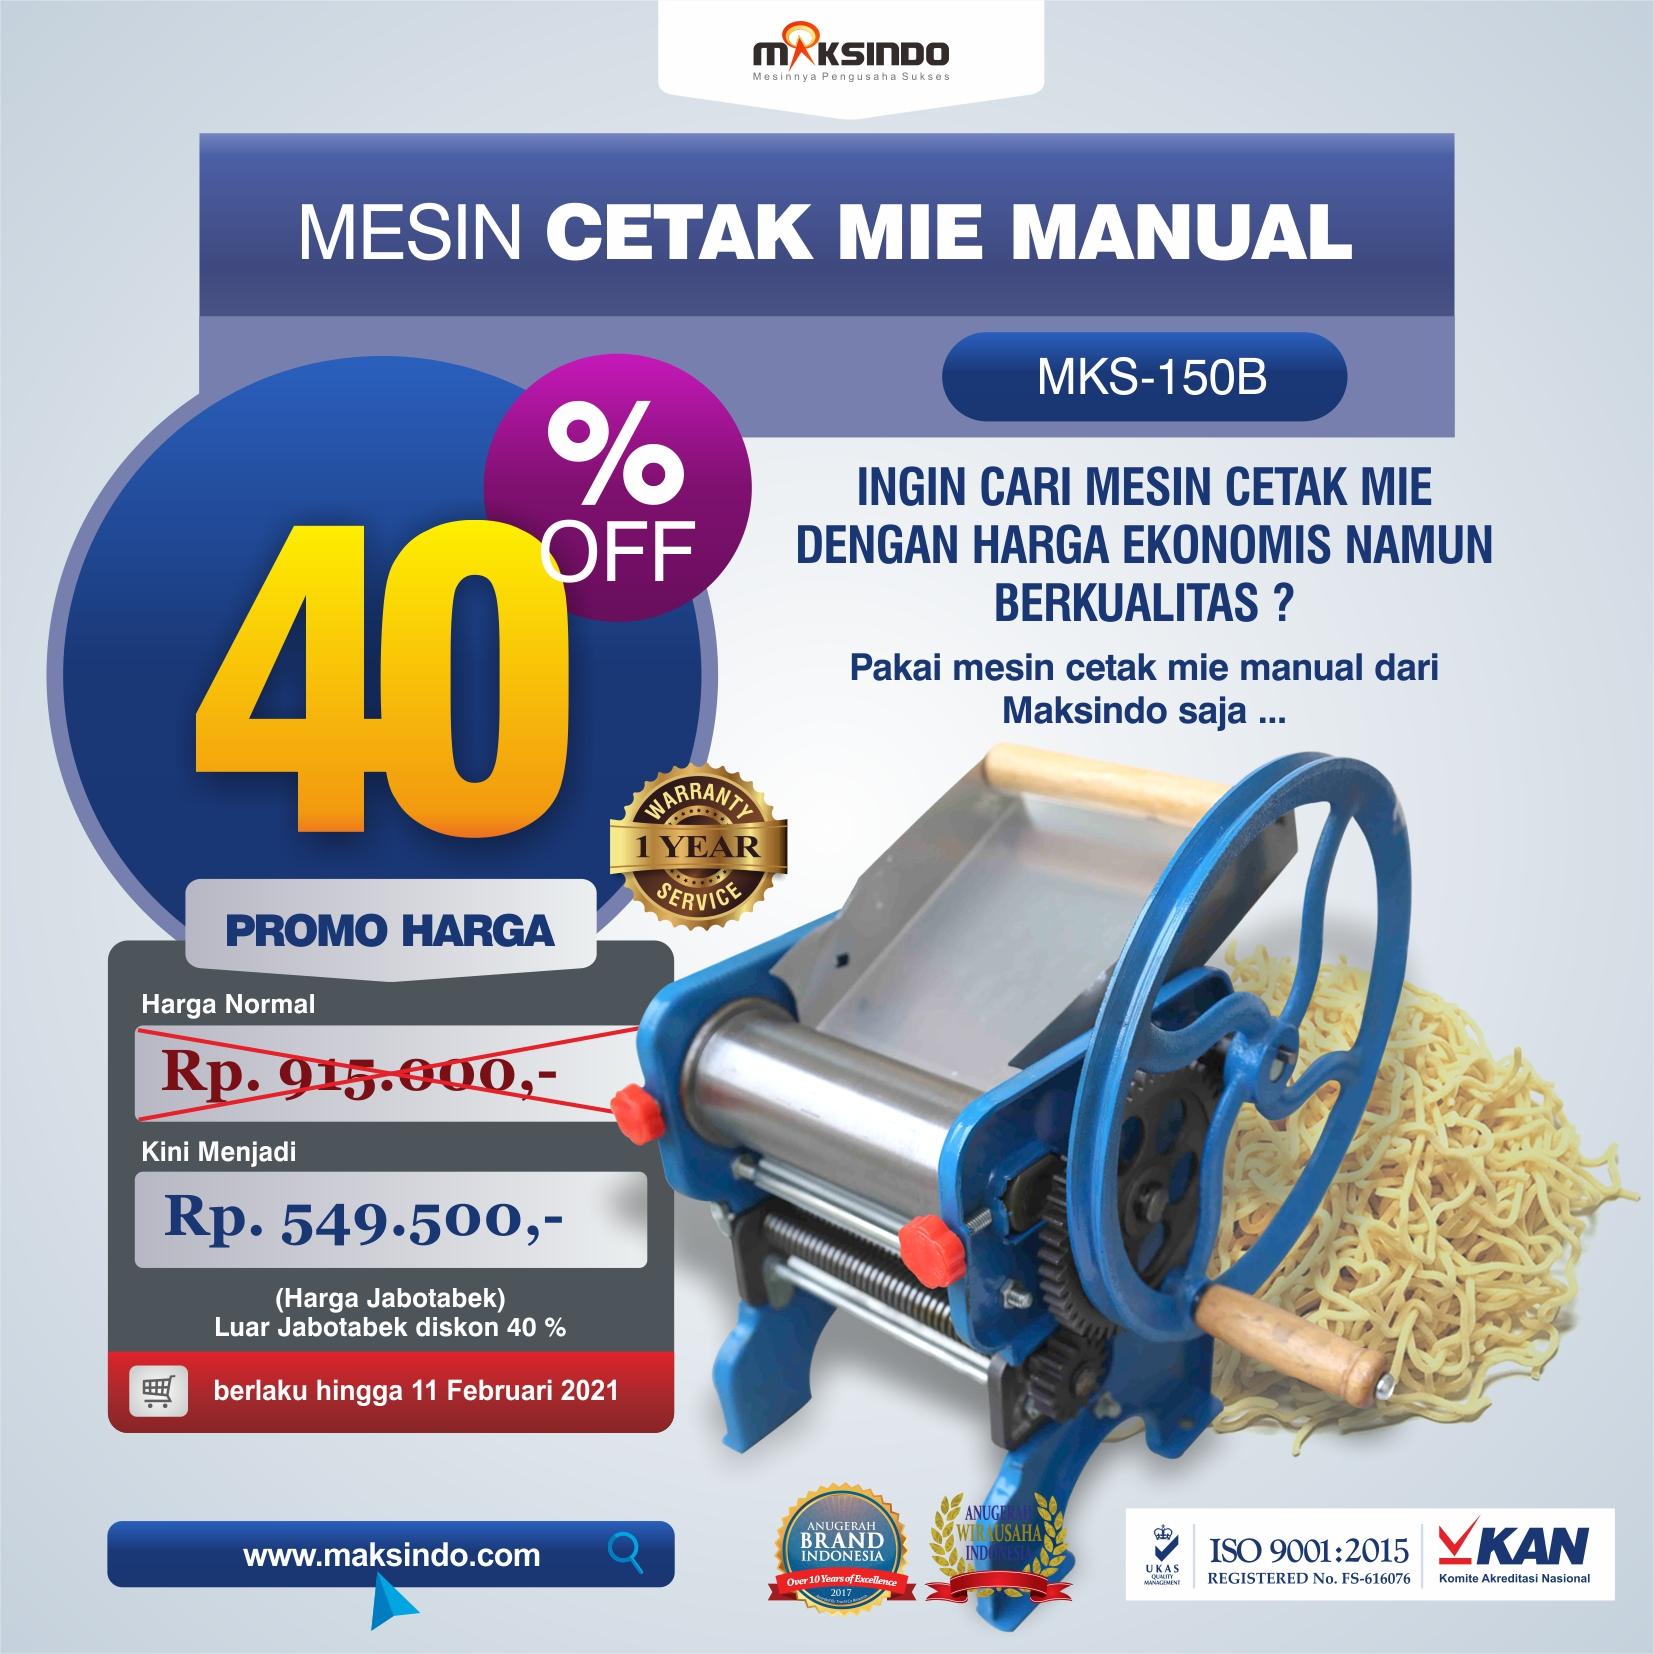 Jual Cetak Mie Manual Untuk Usaha (MKS-150B) di Bekasi